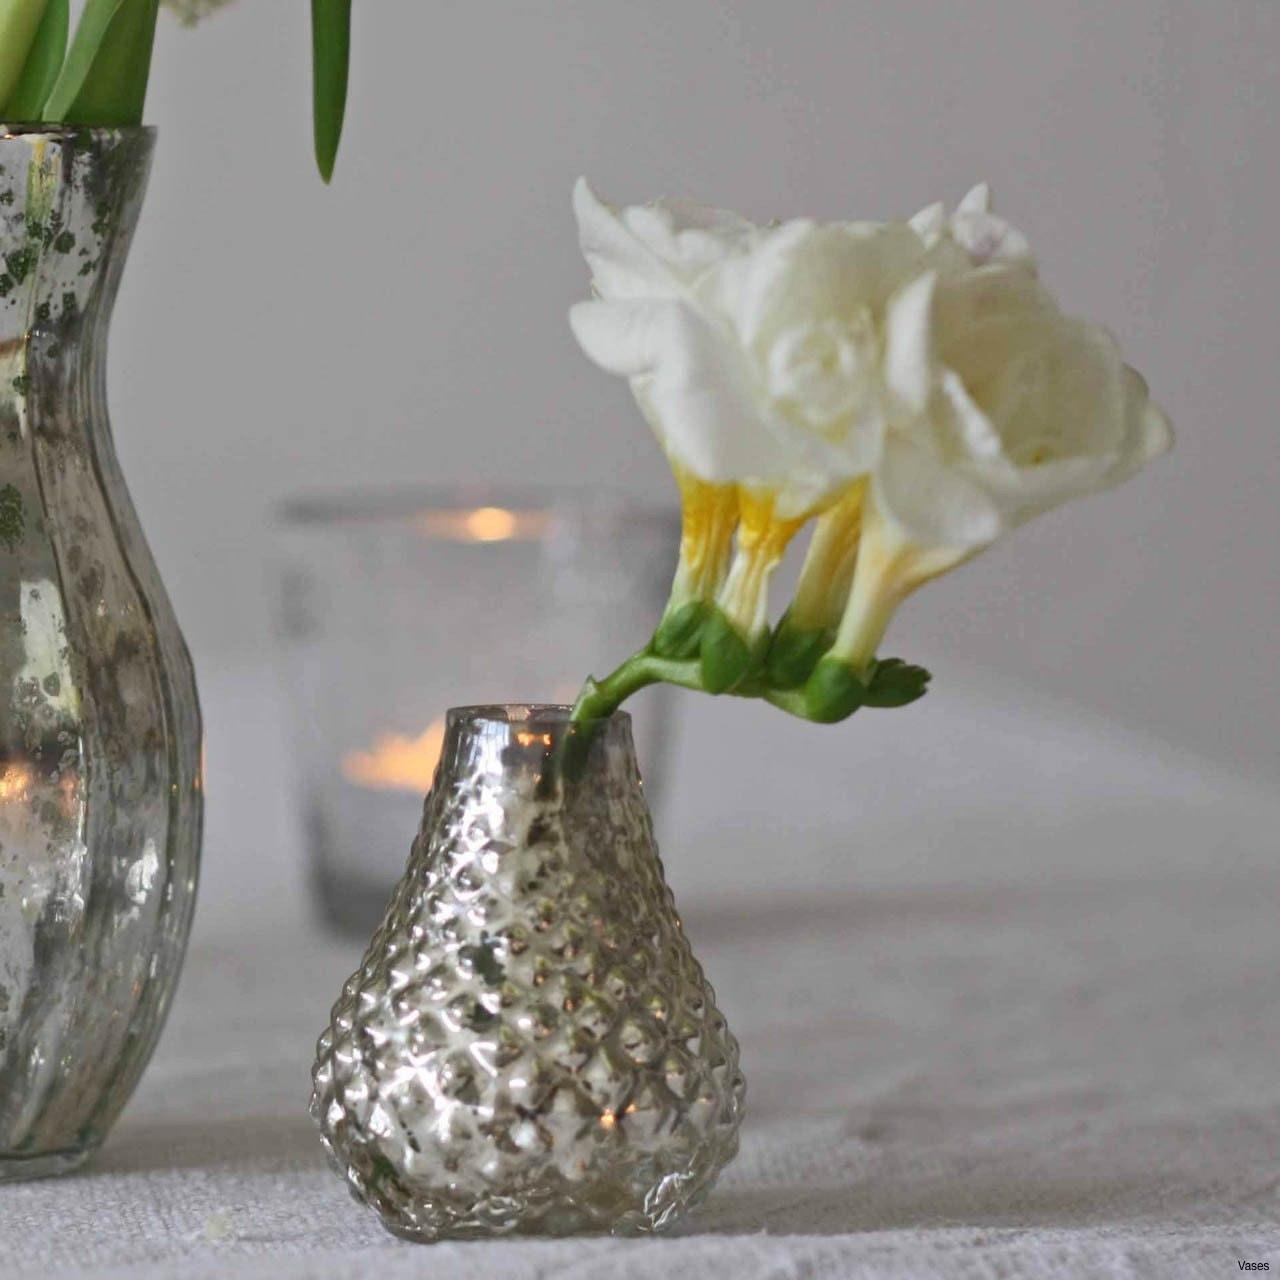 vase floral designs of diy yard decor best of jar flower 1h vases bud wedding vase within diy yard decor best of jar flower 1h vases bud wedding vase centerpiece idea i 0d